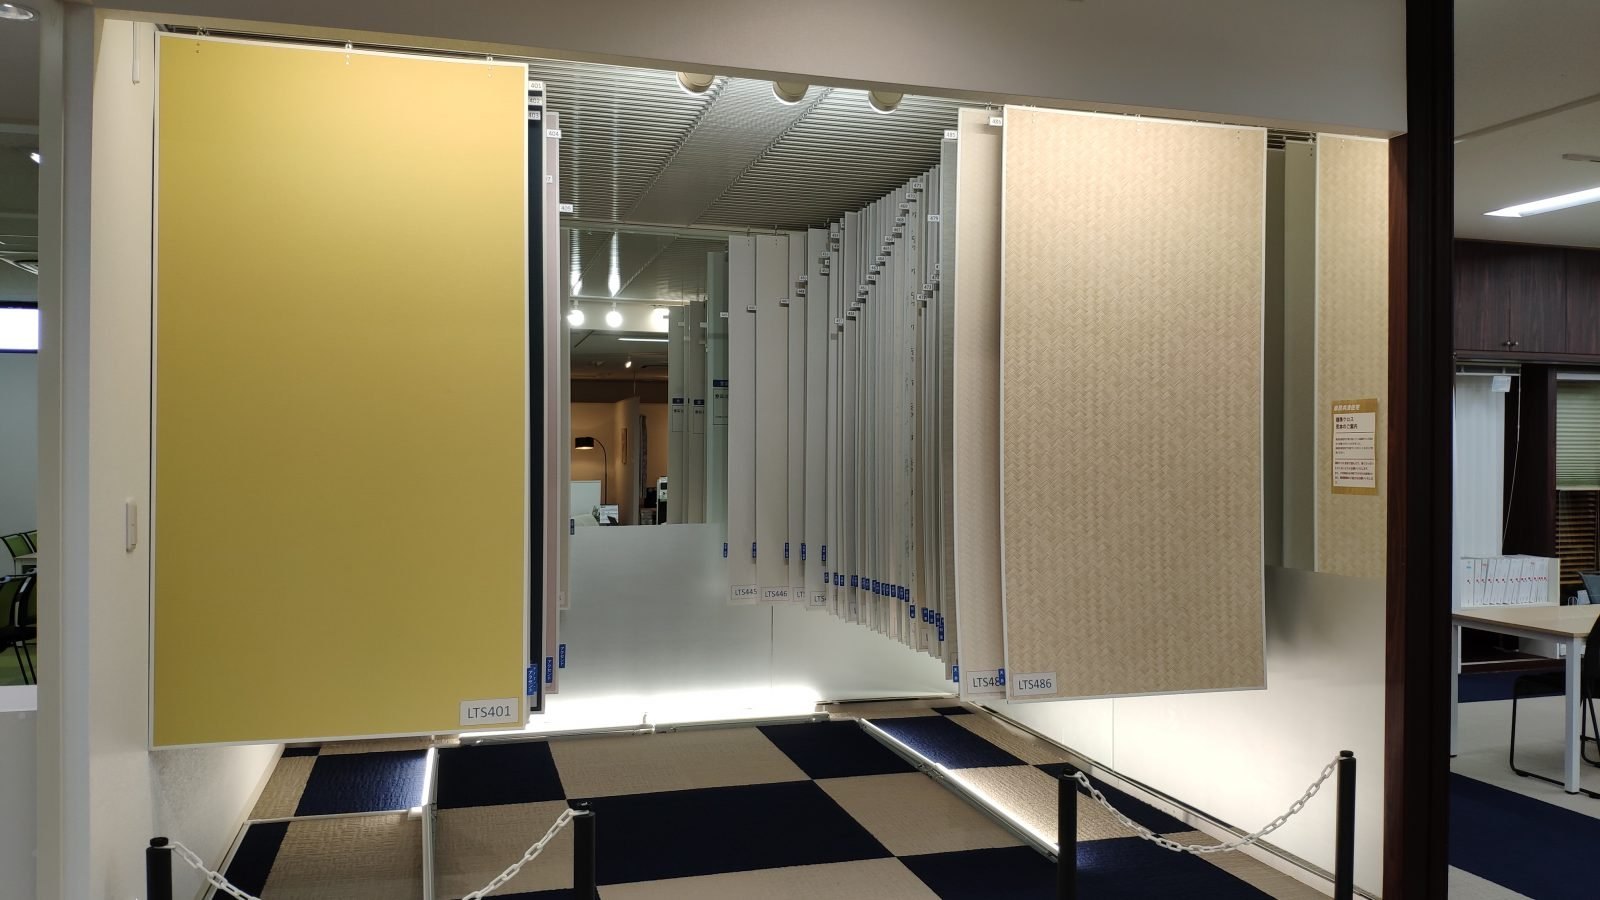 県民共済住宅宮原店の県民共済住宅標準クロスの展示コーナー